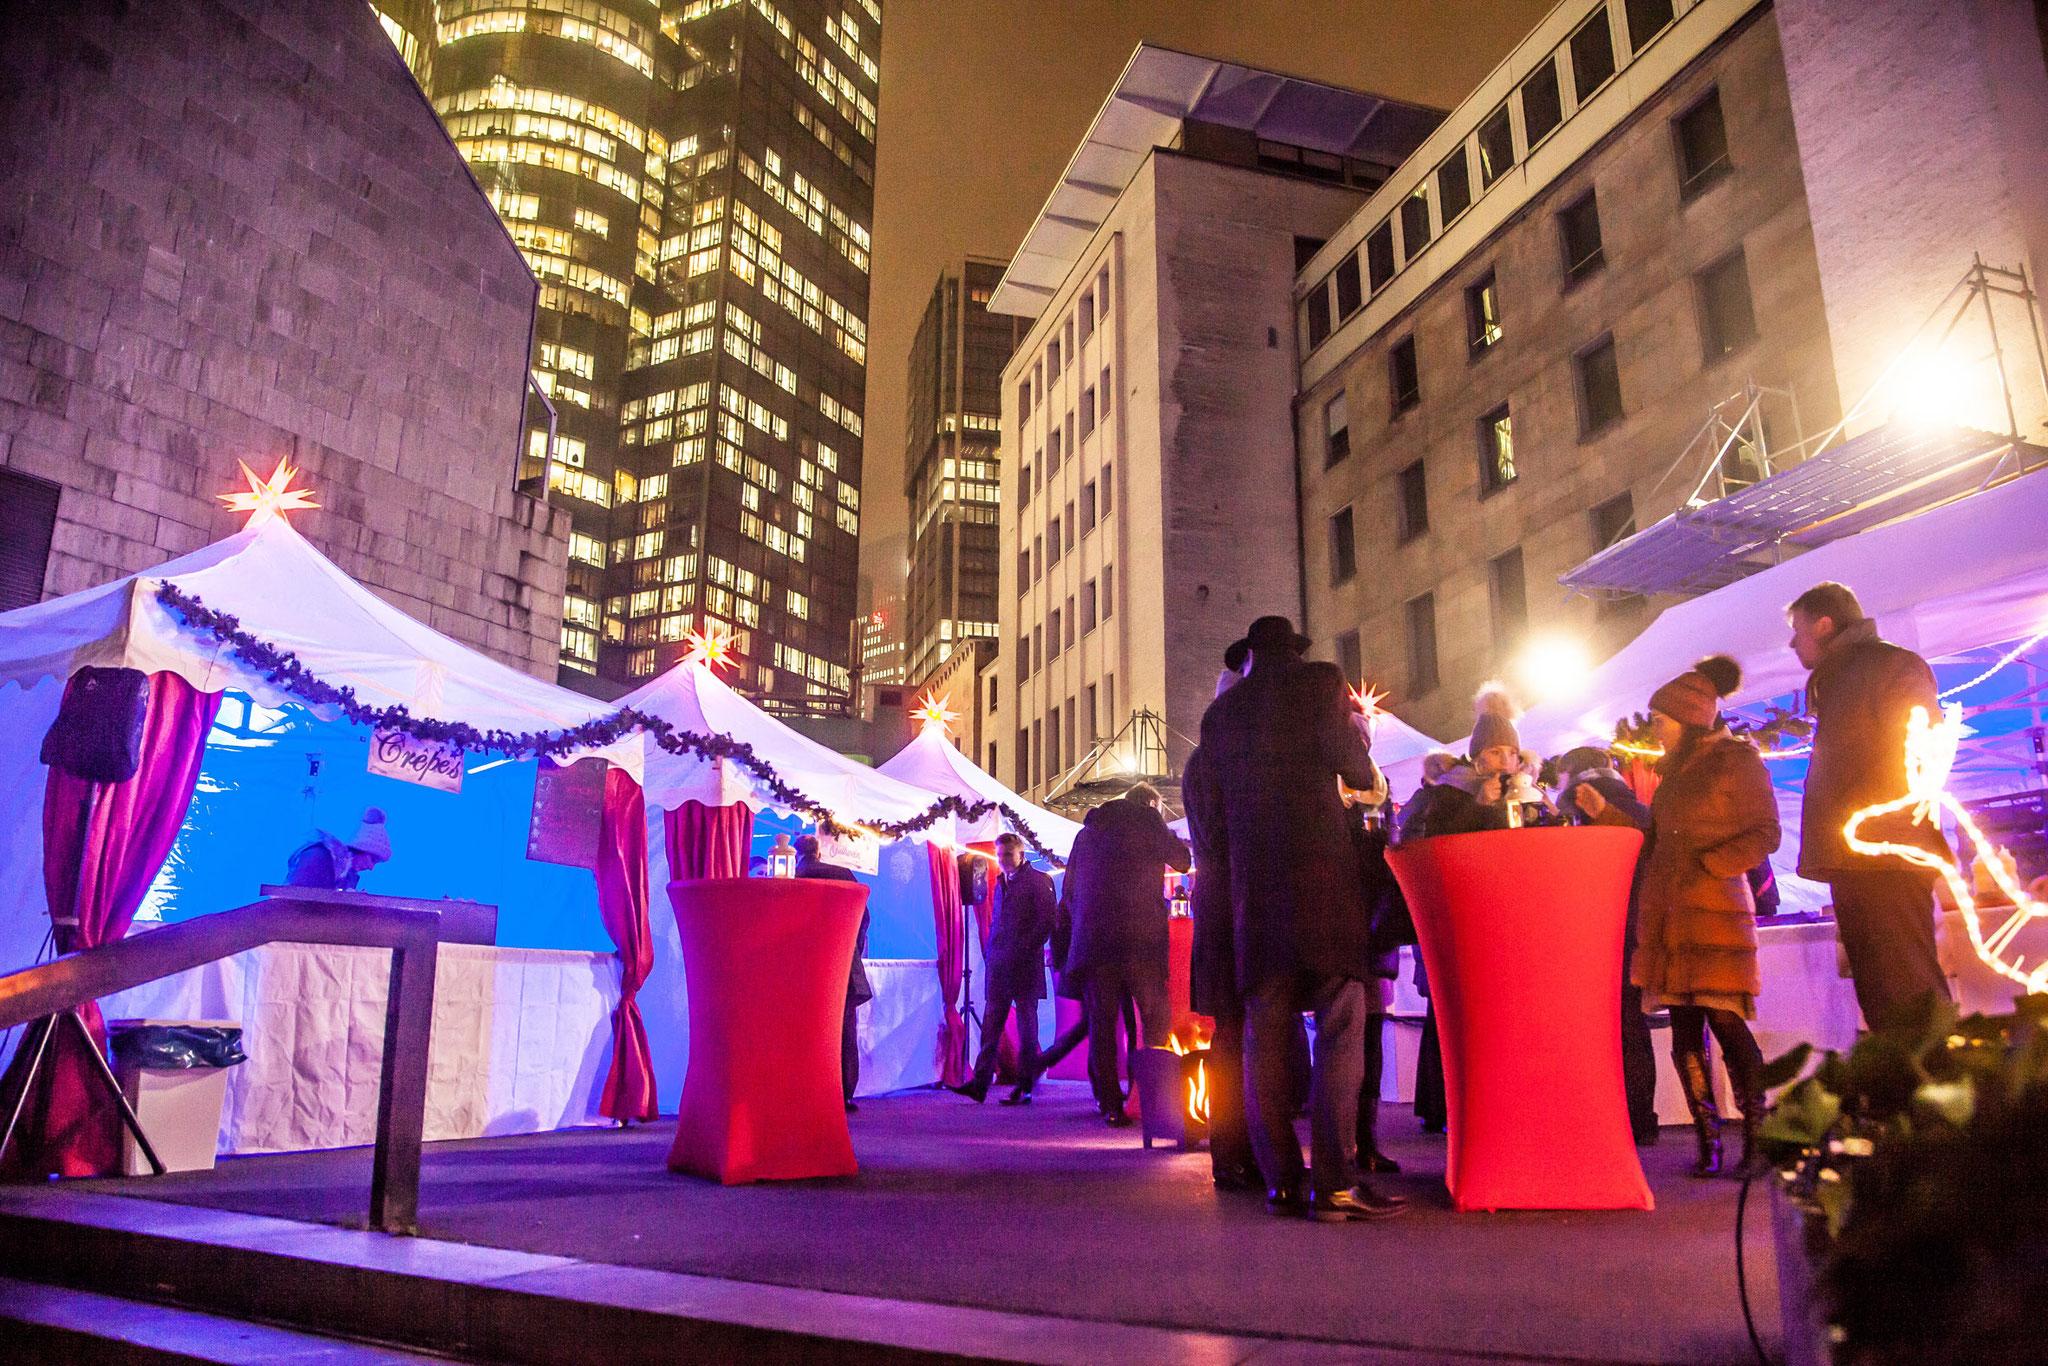 Stylische beleuchtete Weihnachtspagoden - natürlich auch in Ihren Firmenfarben möglich!